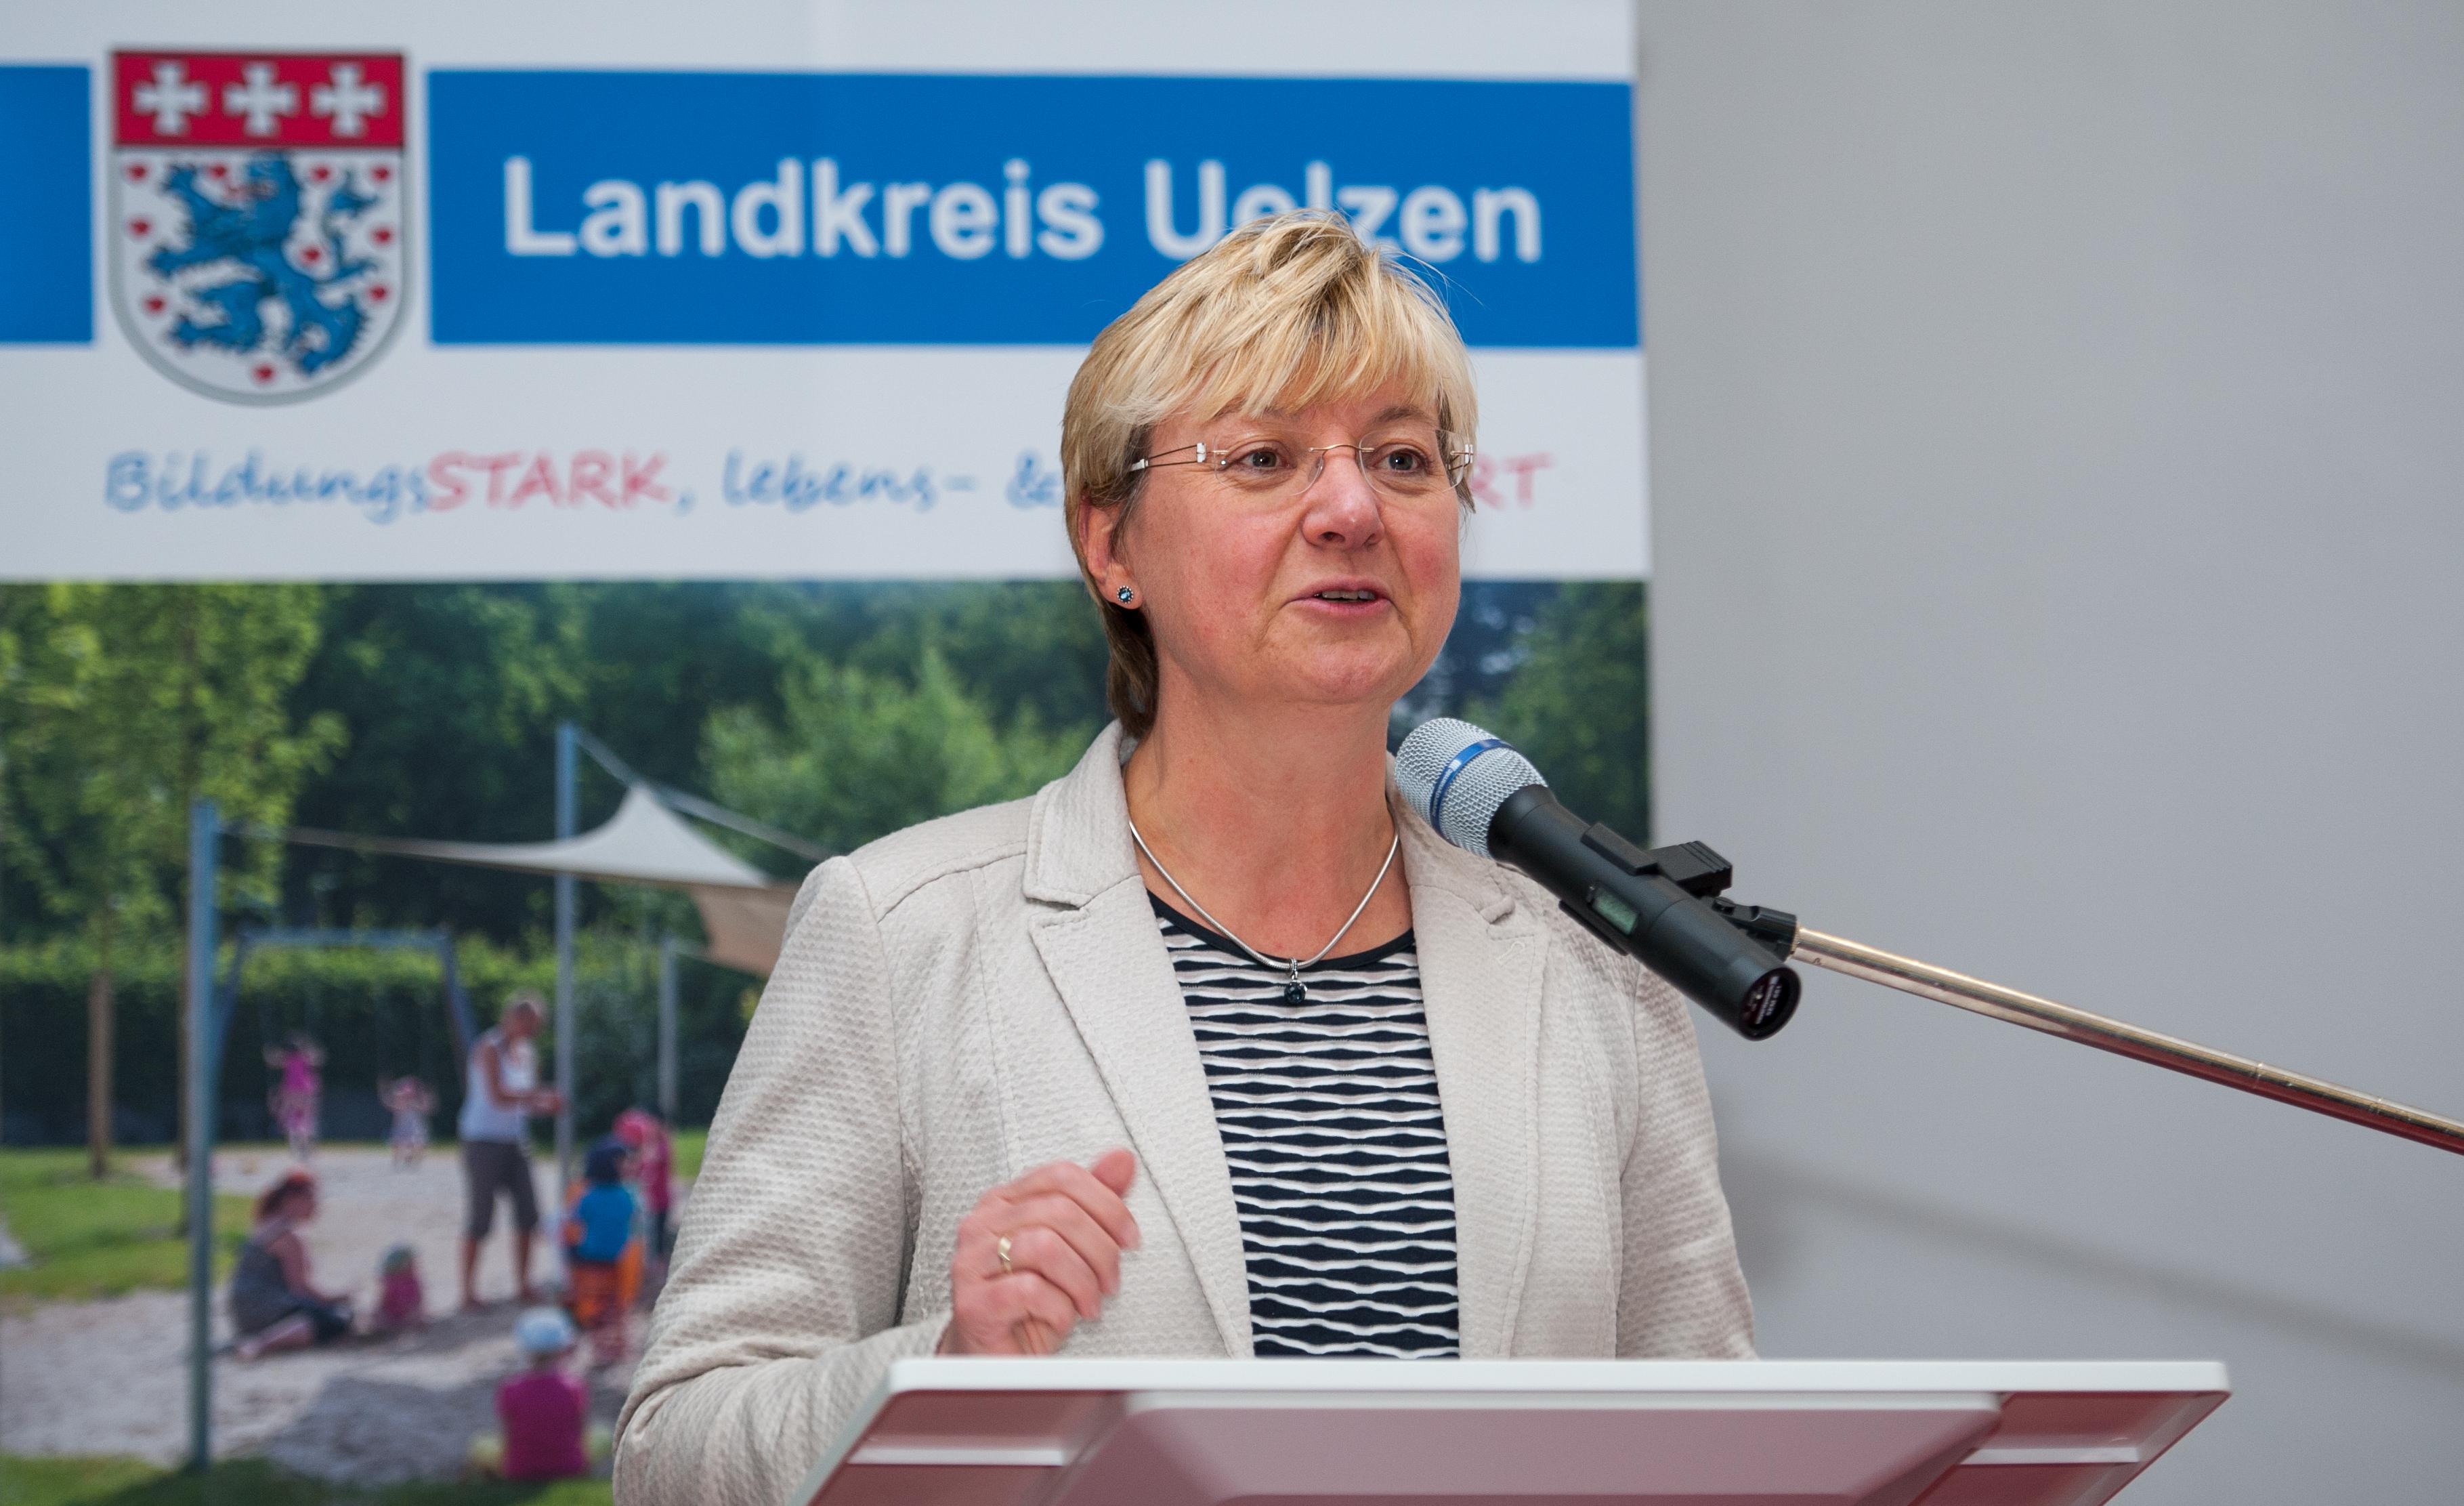 Kultusministerin zu Gast im Landkreis Uelzen